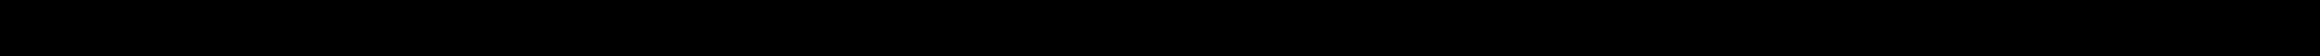 BERU 0460100200, A 200 Antena